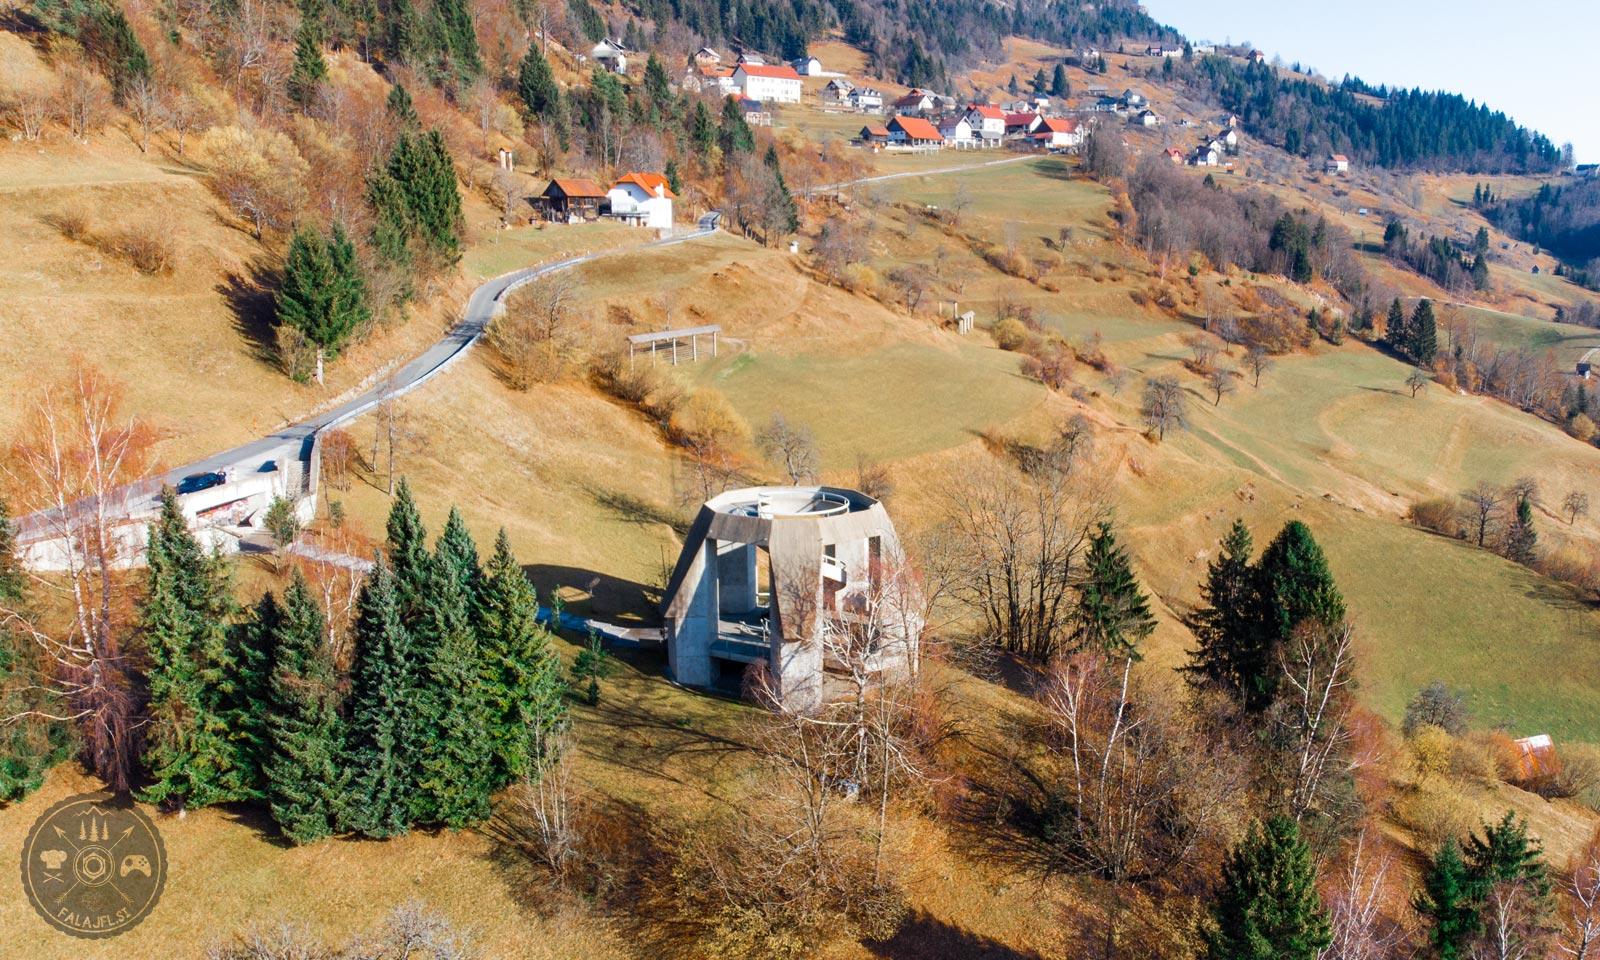 spomenik-drazgoski-bitki-foto19